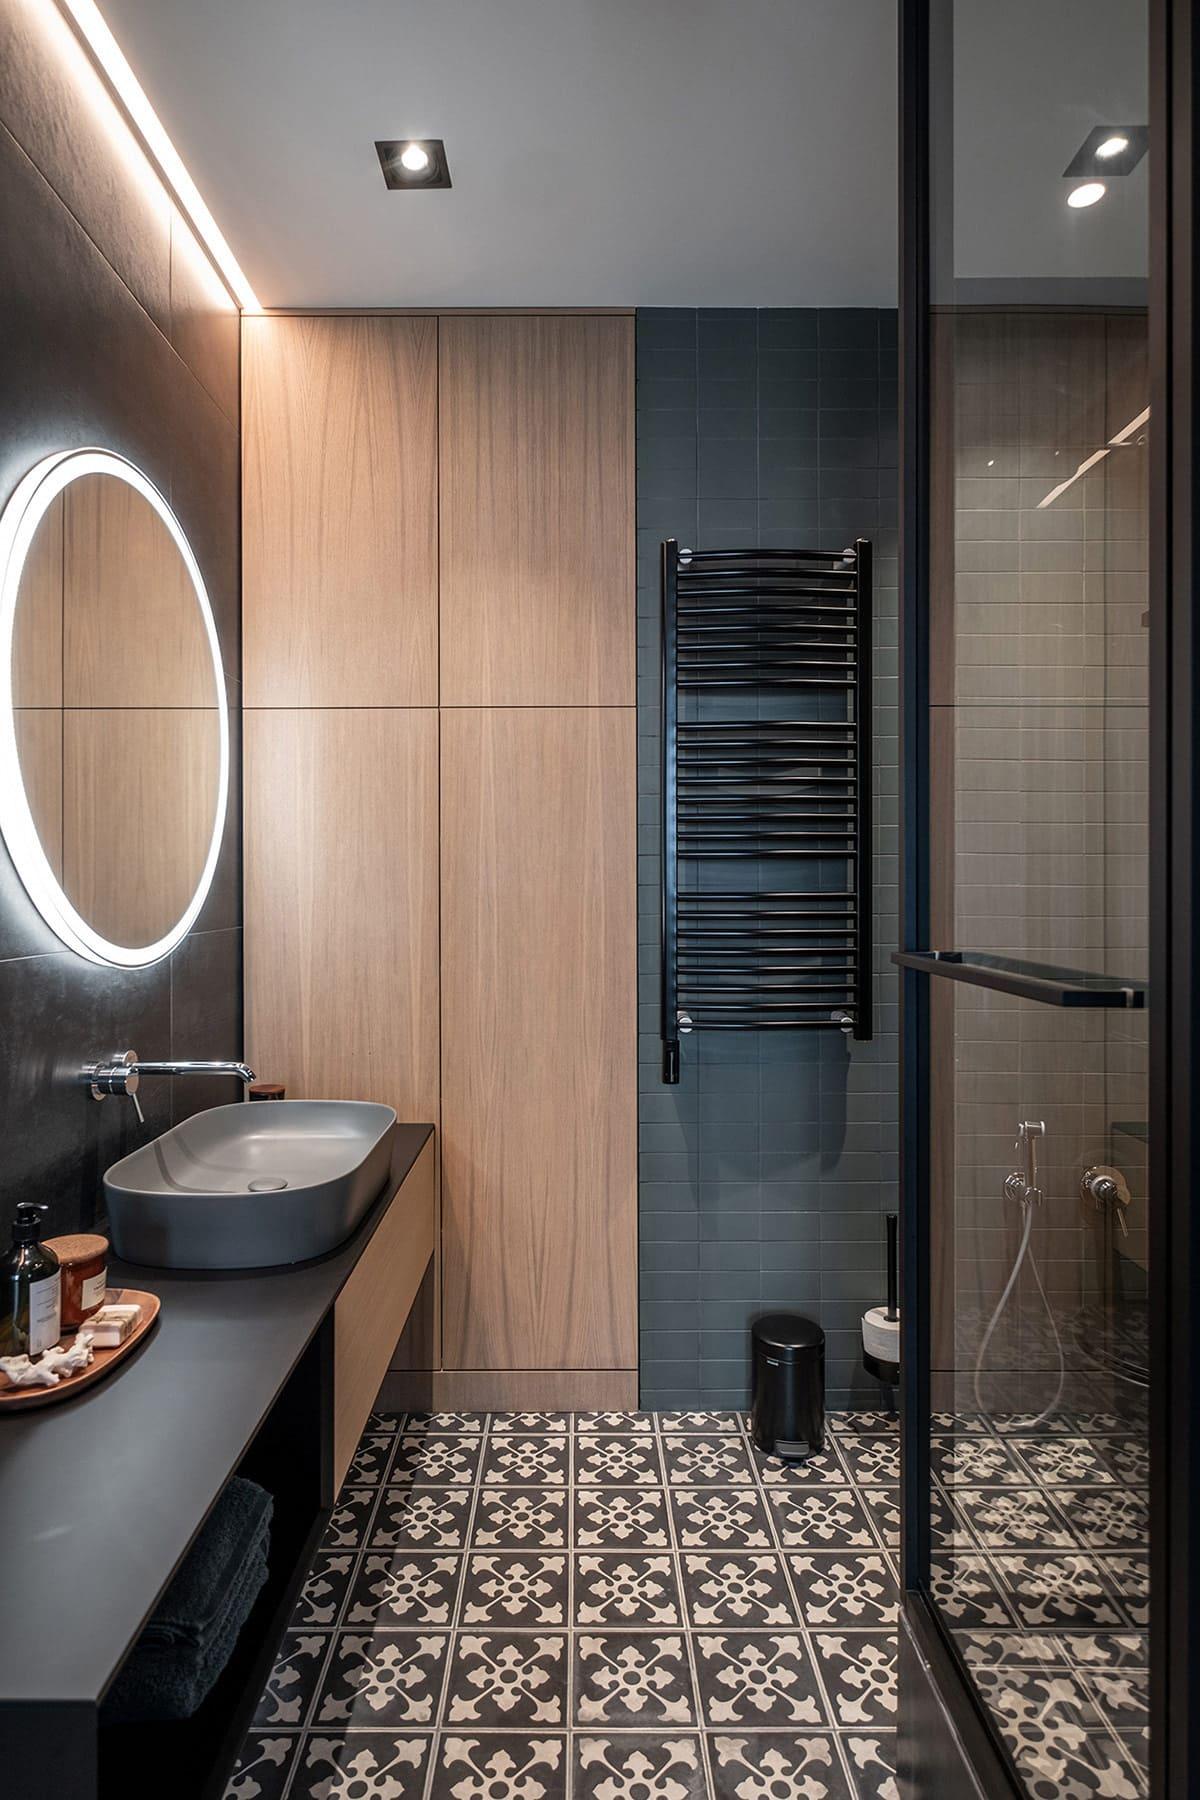 дизайн интерьера ванной комнаты фото 47